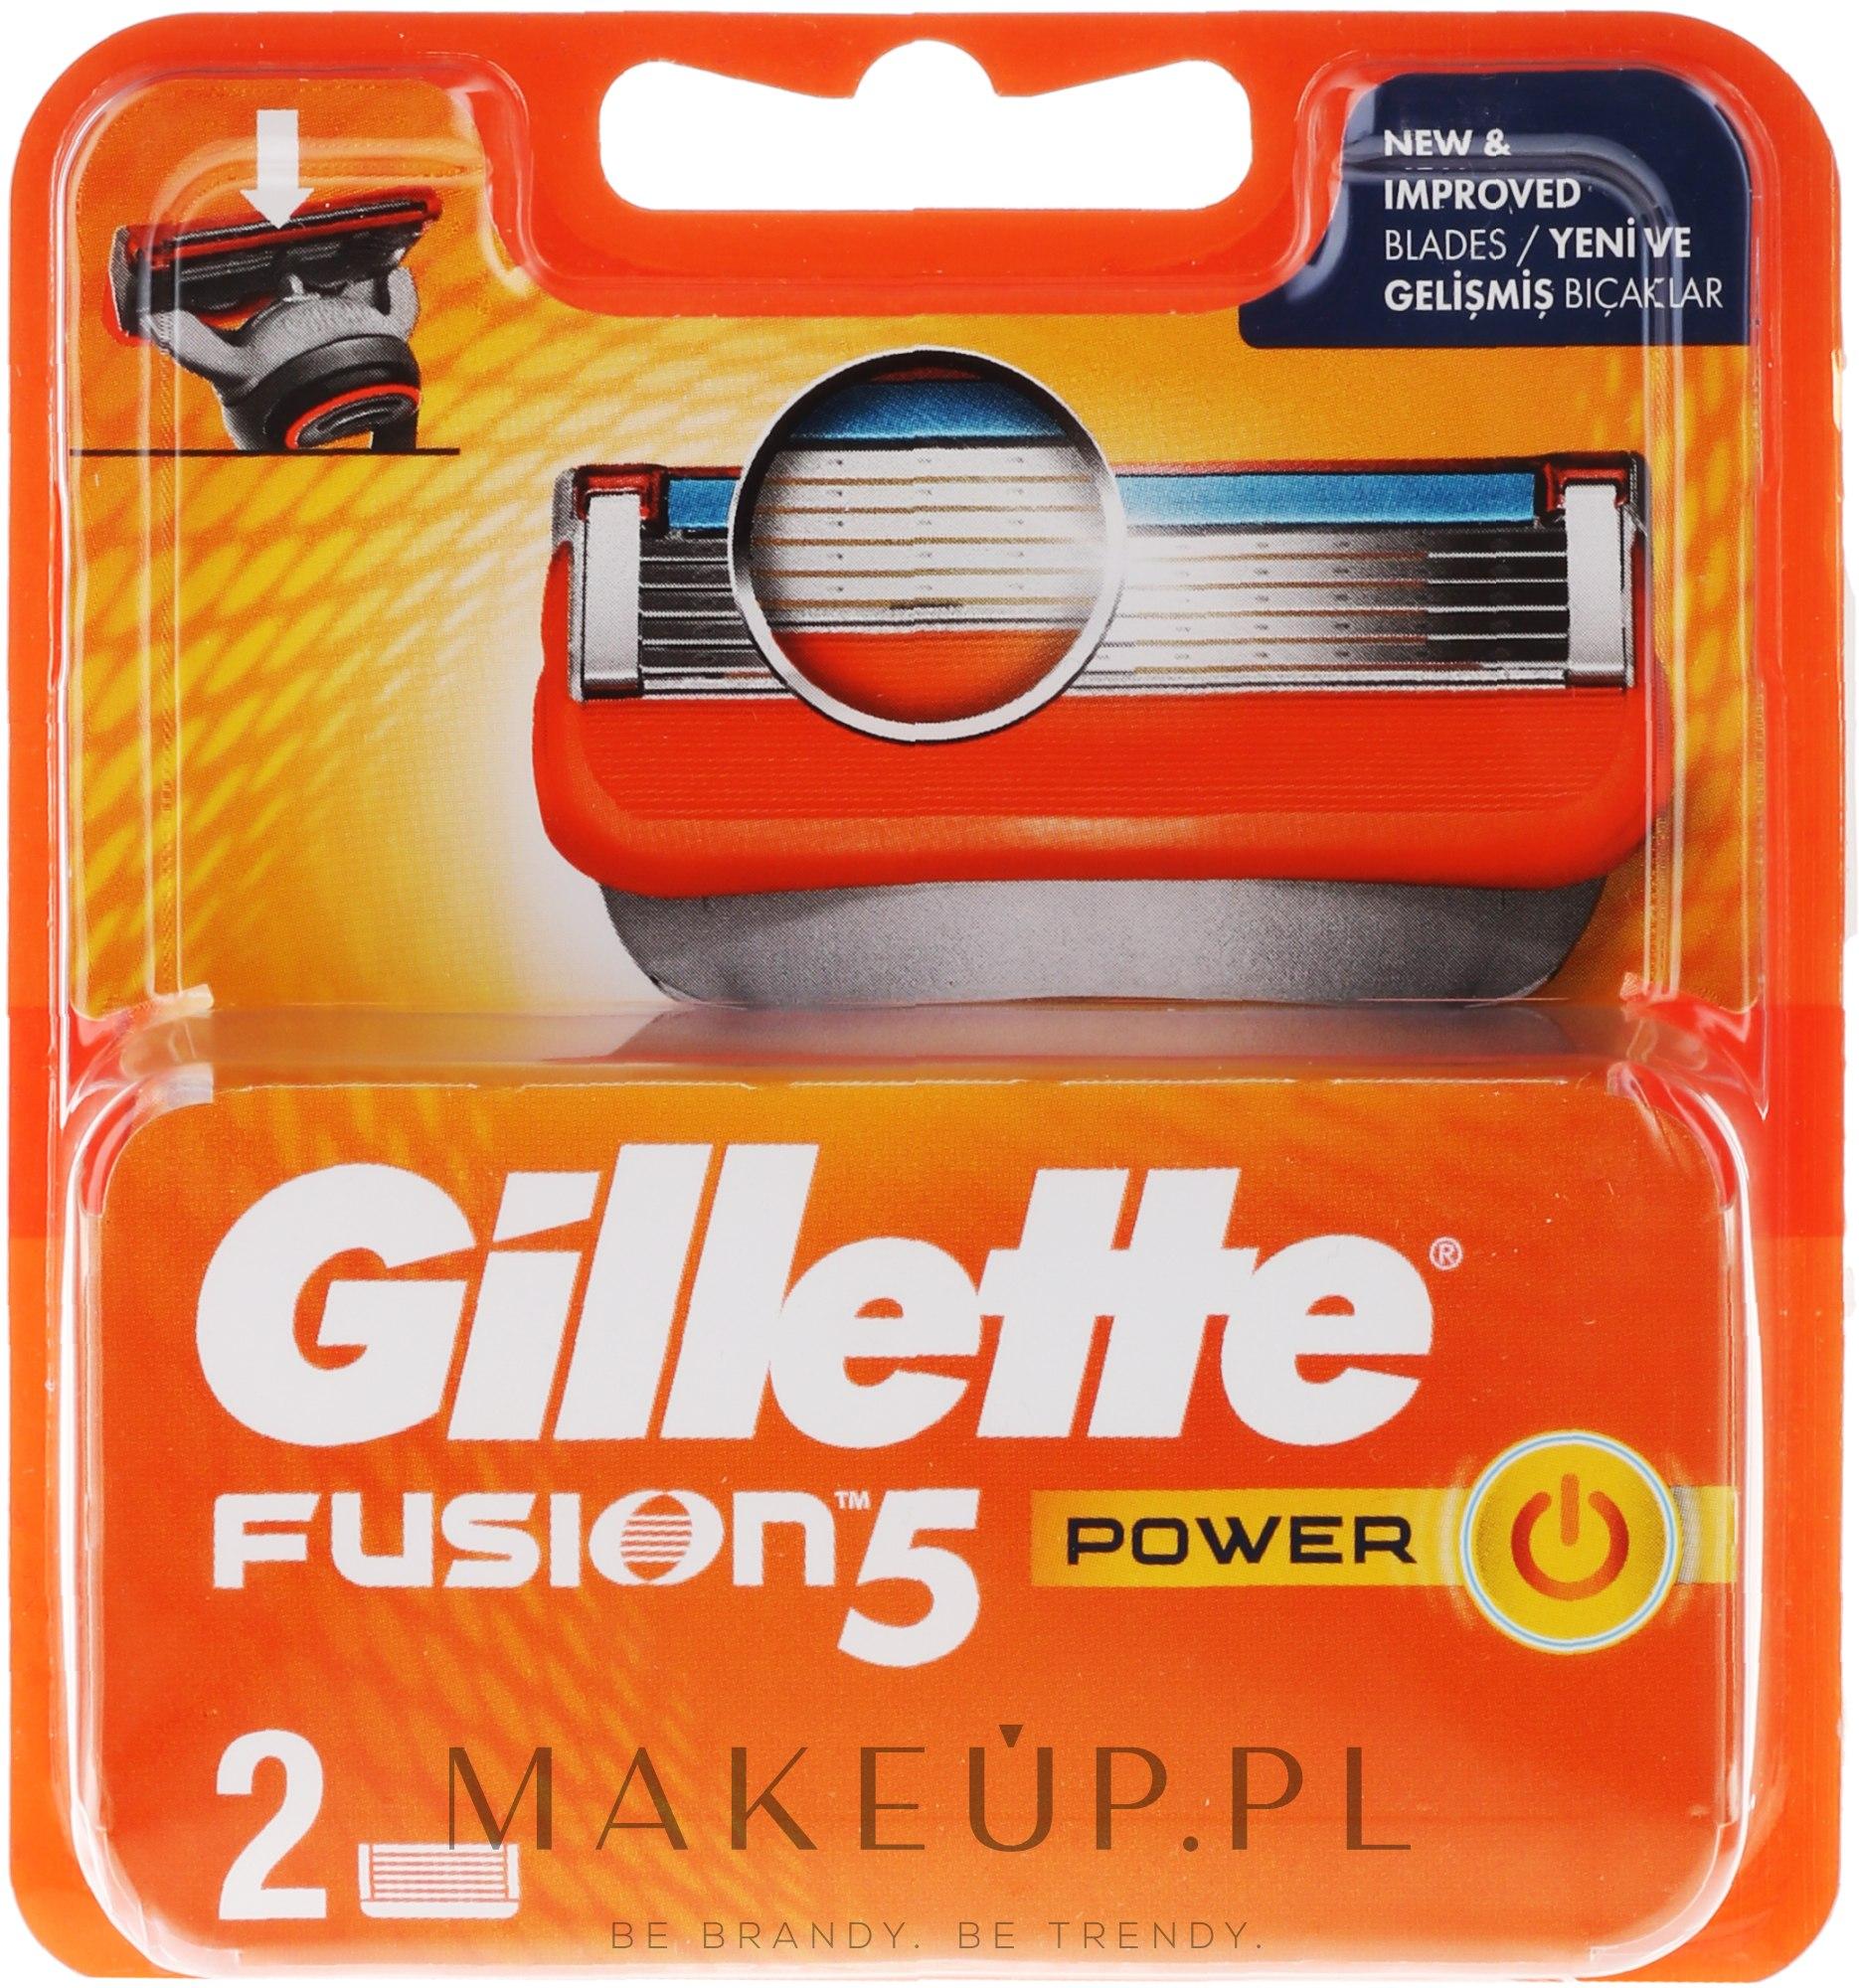 Wymienne wkłady do maszynki, 2 szt. - Gillette Fusion Power — фото 2 szt.